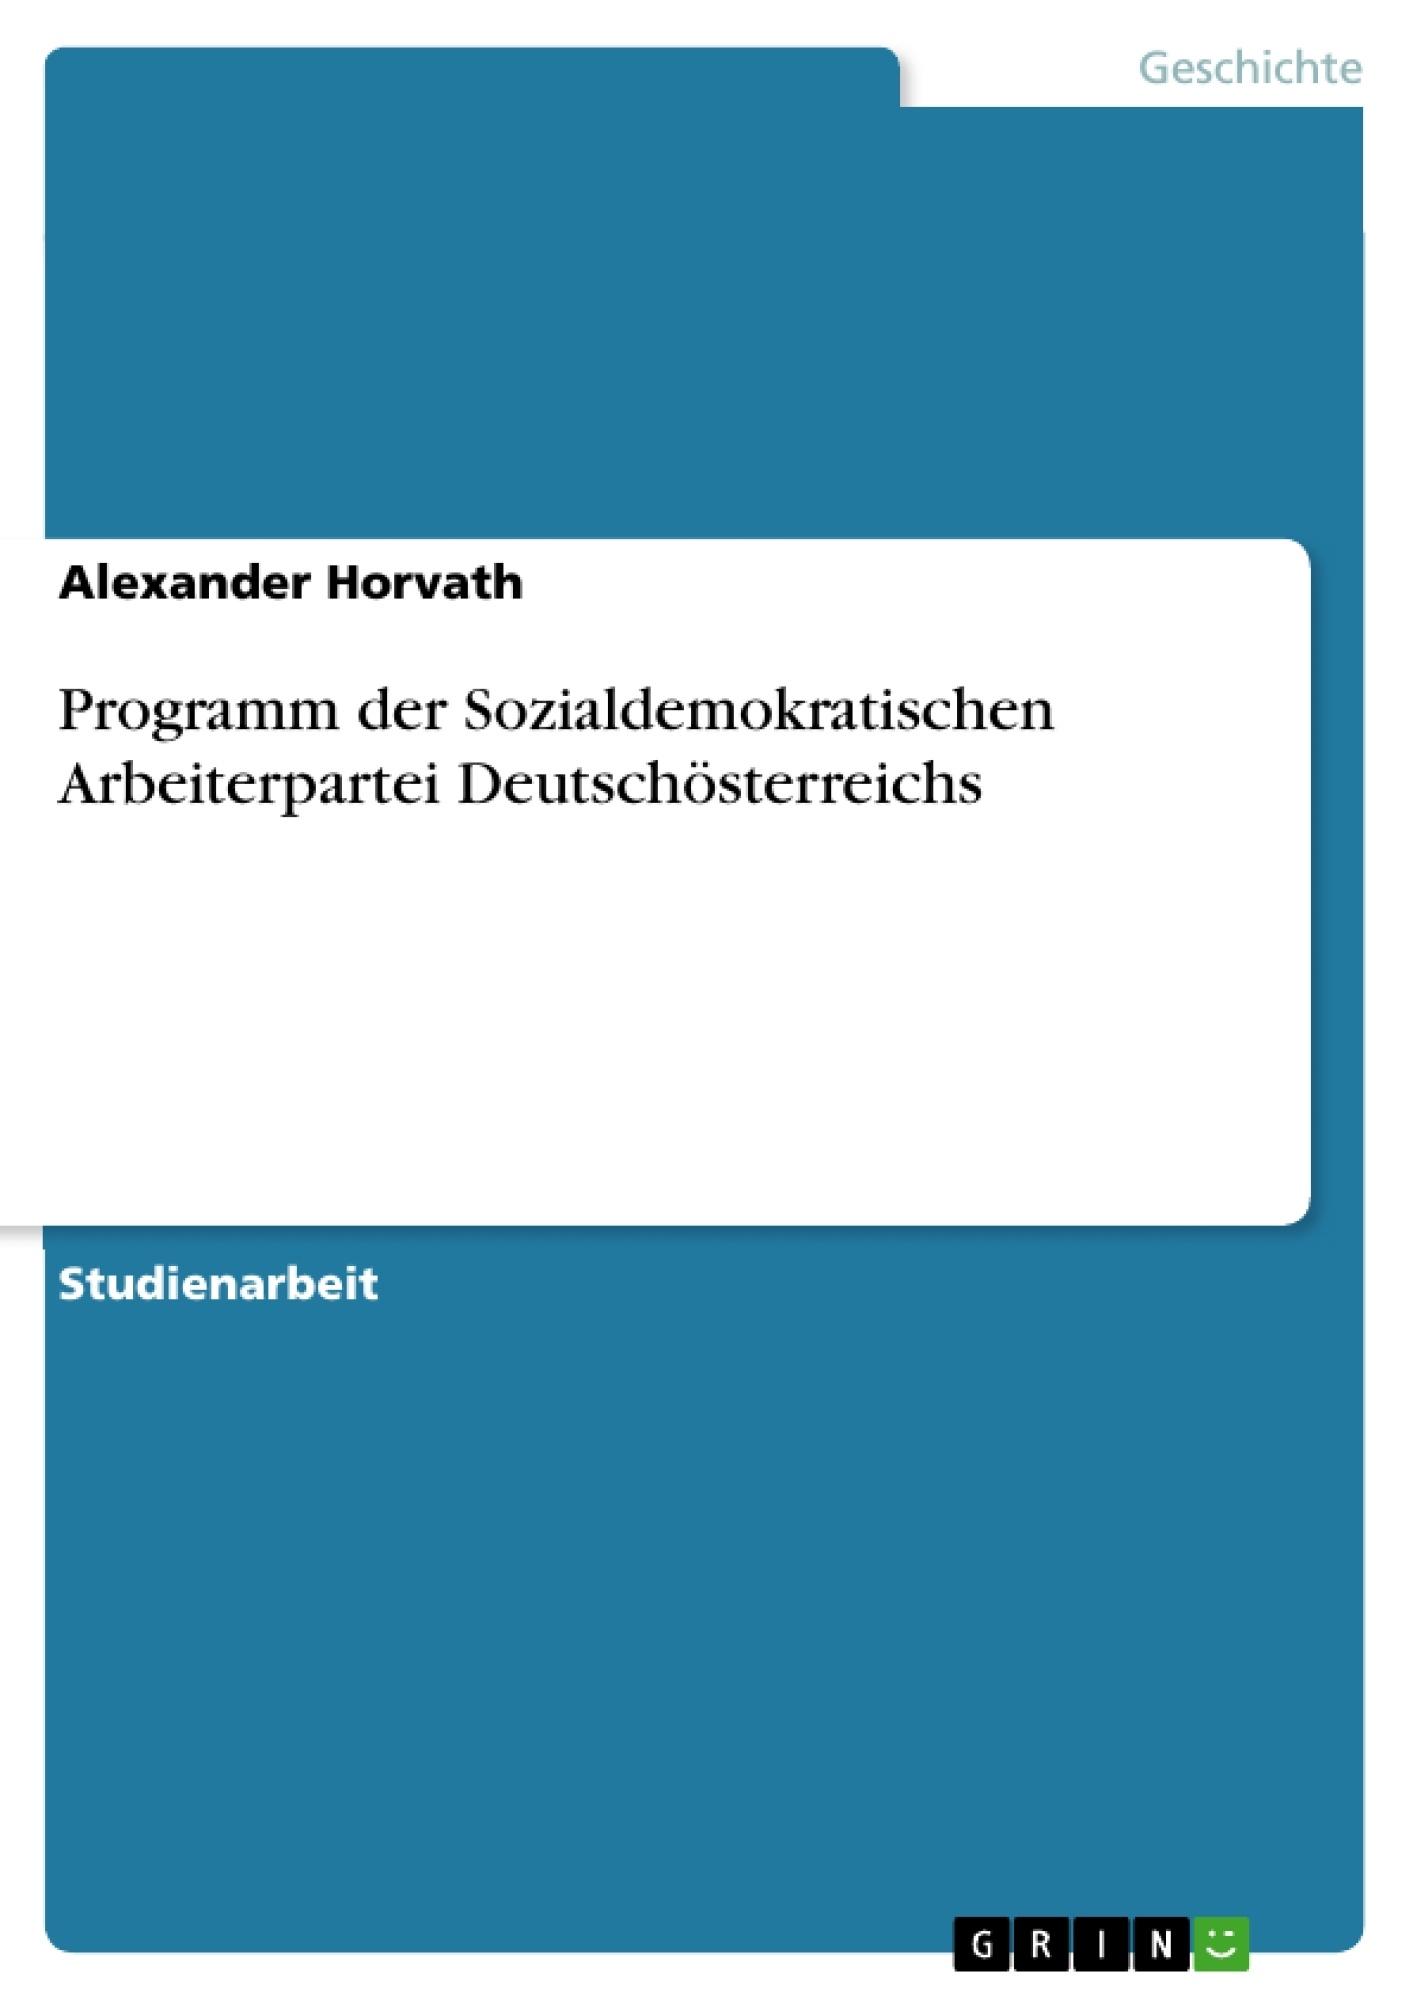 Titel: Programm der Sozialdemokratischen Arbeiterpartei Deutschösterreichs